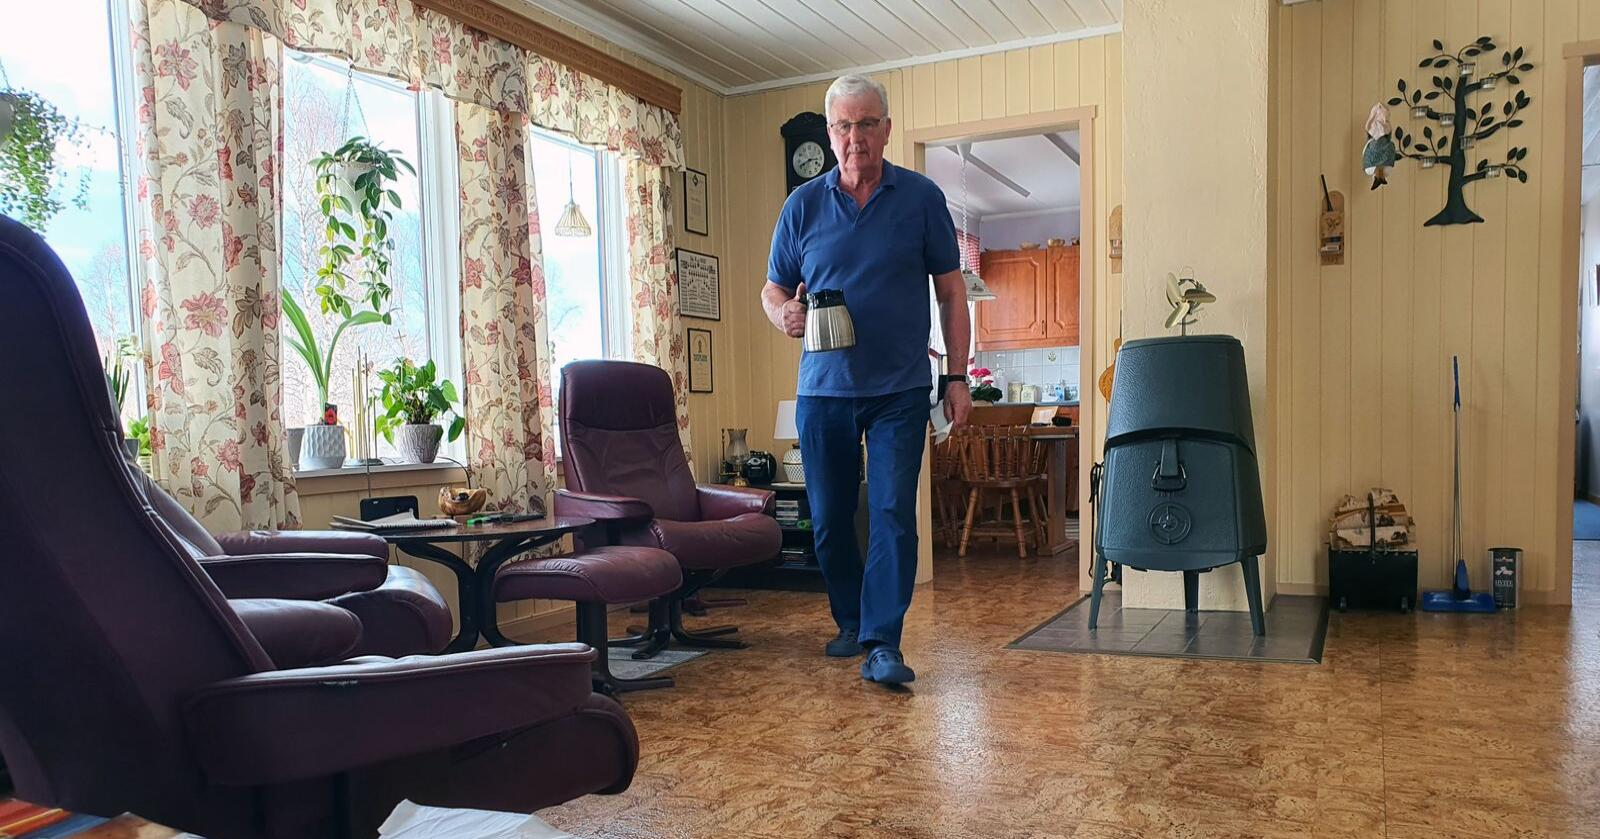 Bjørn Bjørgen nekter å flytte fra kårboligen, og blir derfor med på lasset når odelsgården får ny eier. Foto: Ola Karlsen